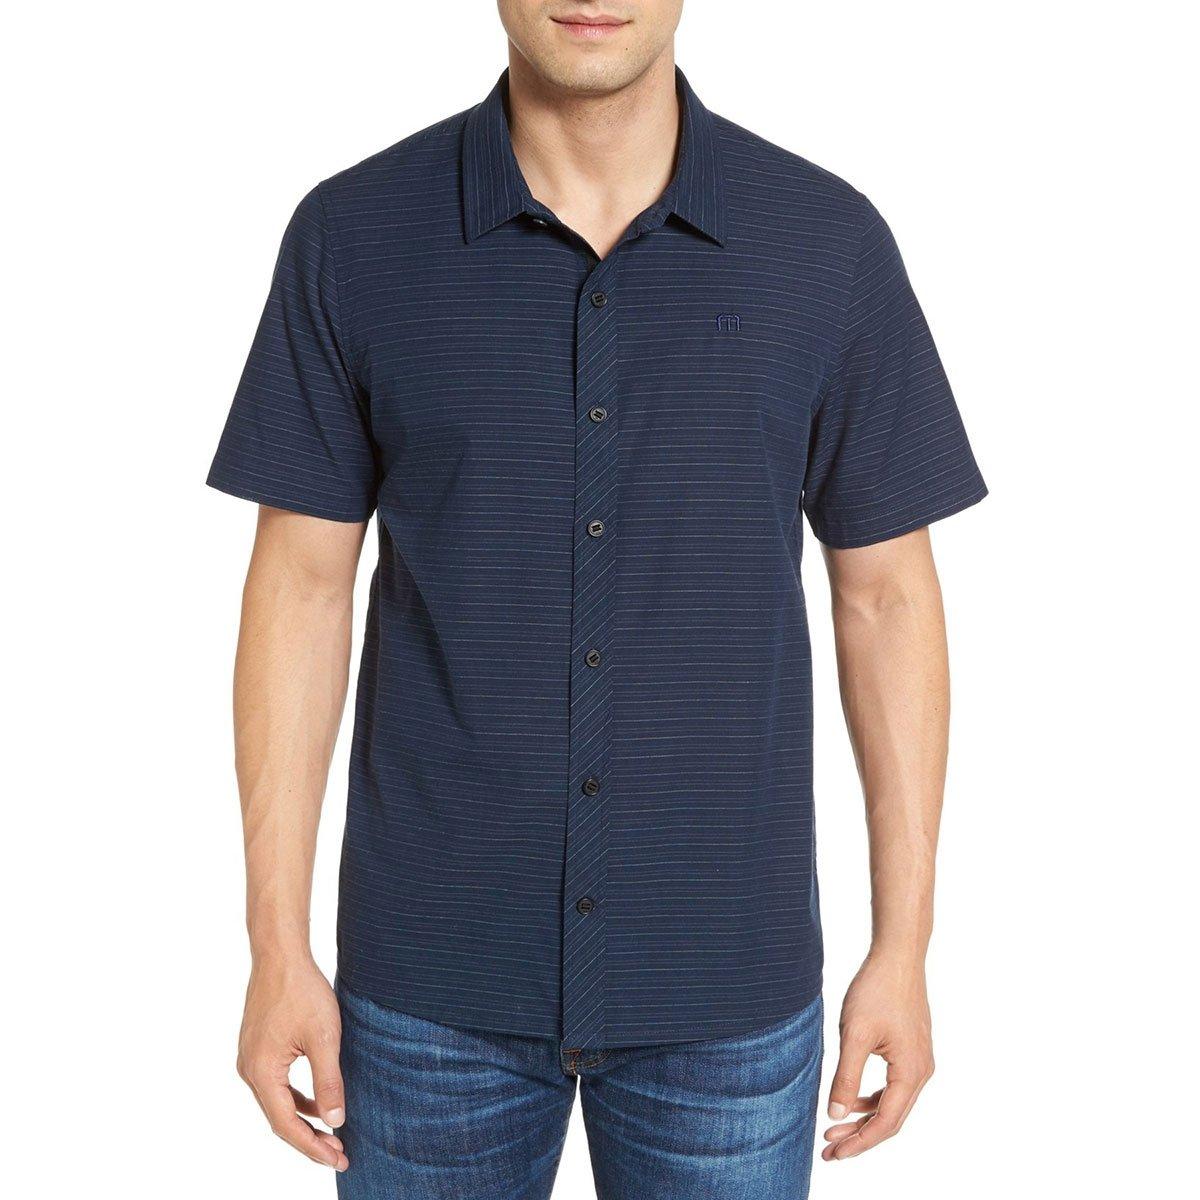 Travis Mathew Mens The Souz Short Sleeve Button Up Shirt